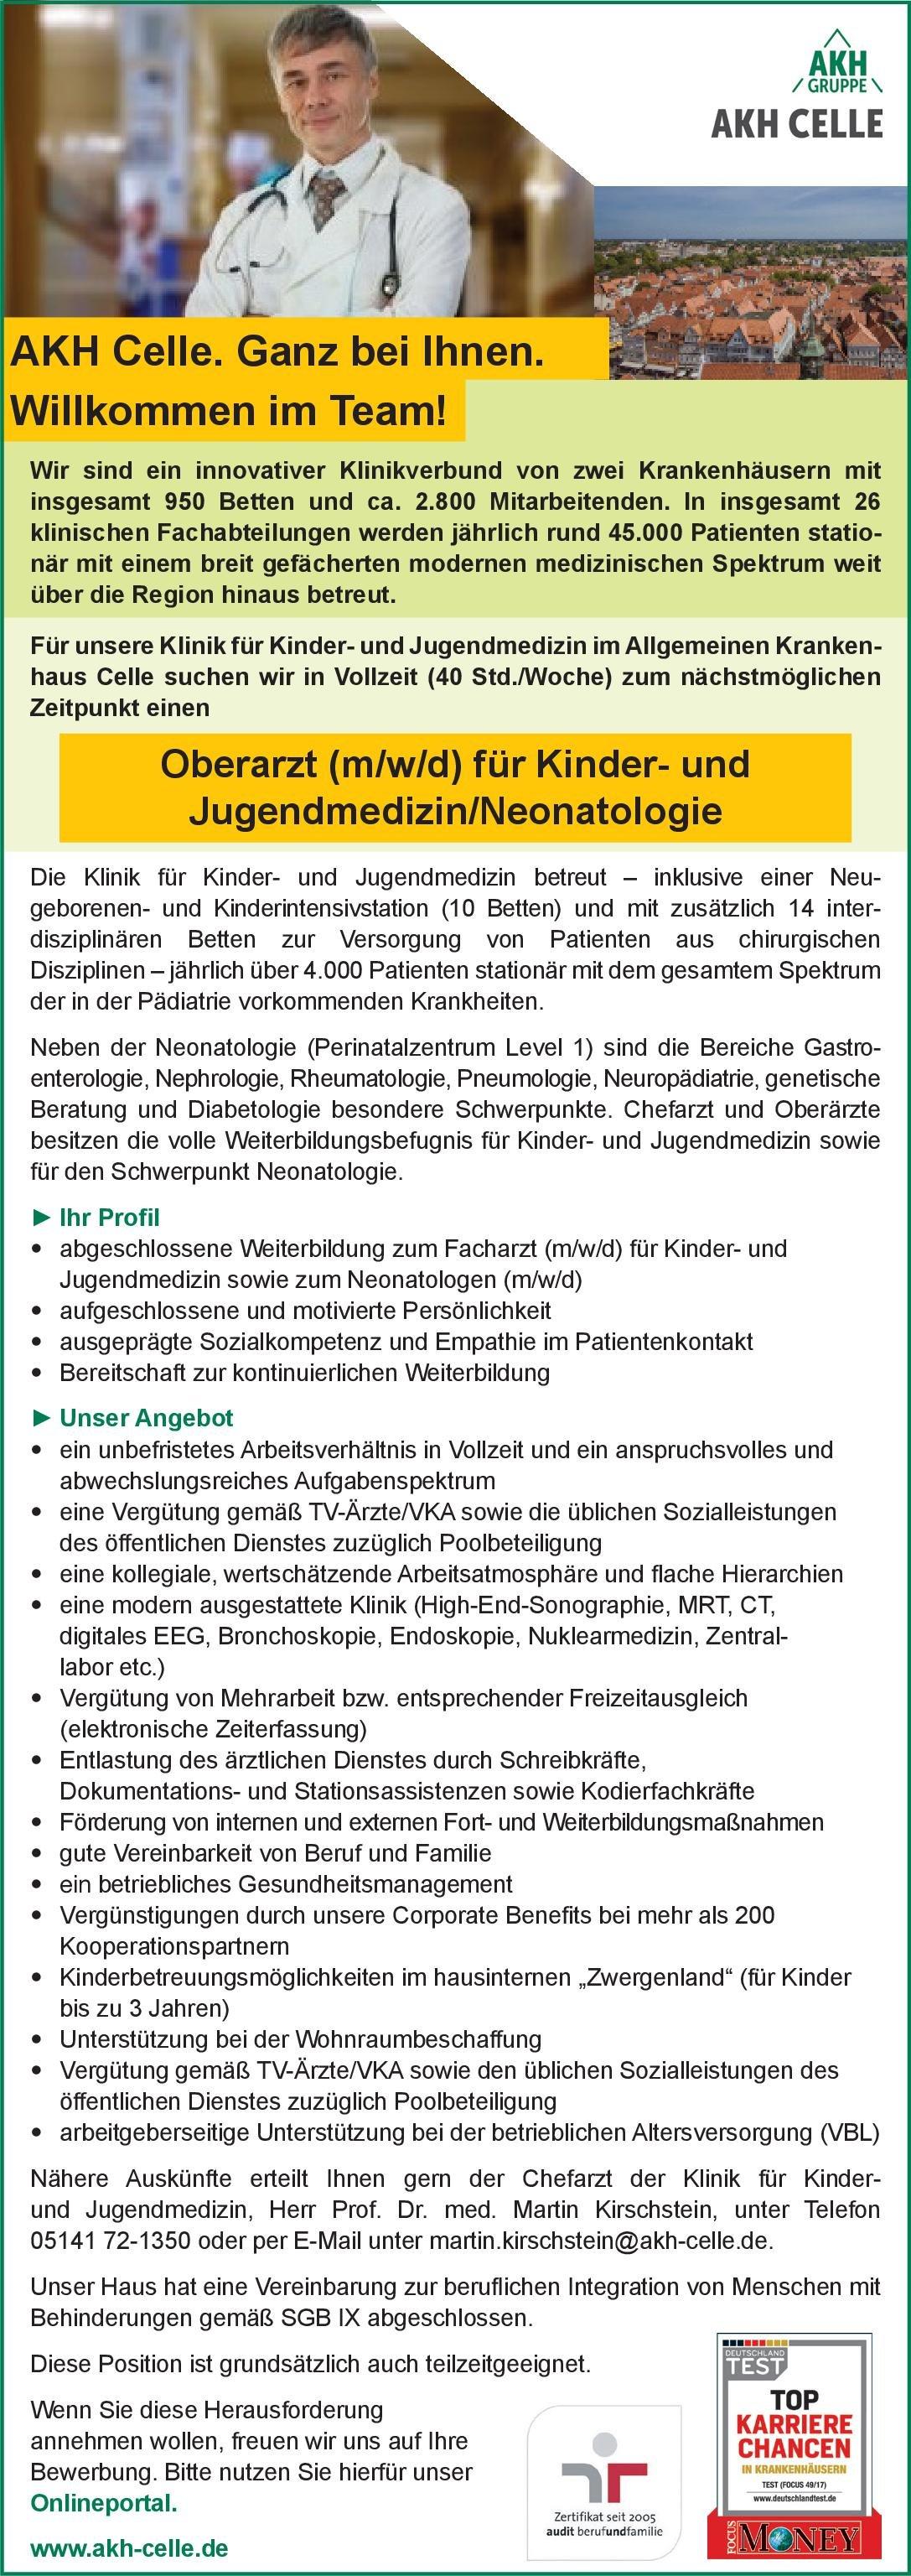 Allgemeines Krankenhaus Celle Oberarzt (m/w/d) für Kinder- und Jugendmedizin/Neonatologie  Kinder- und Jugendmedizin, Neonatologie, Kinder- und Jugendmedizin Oberarzt